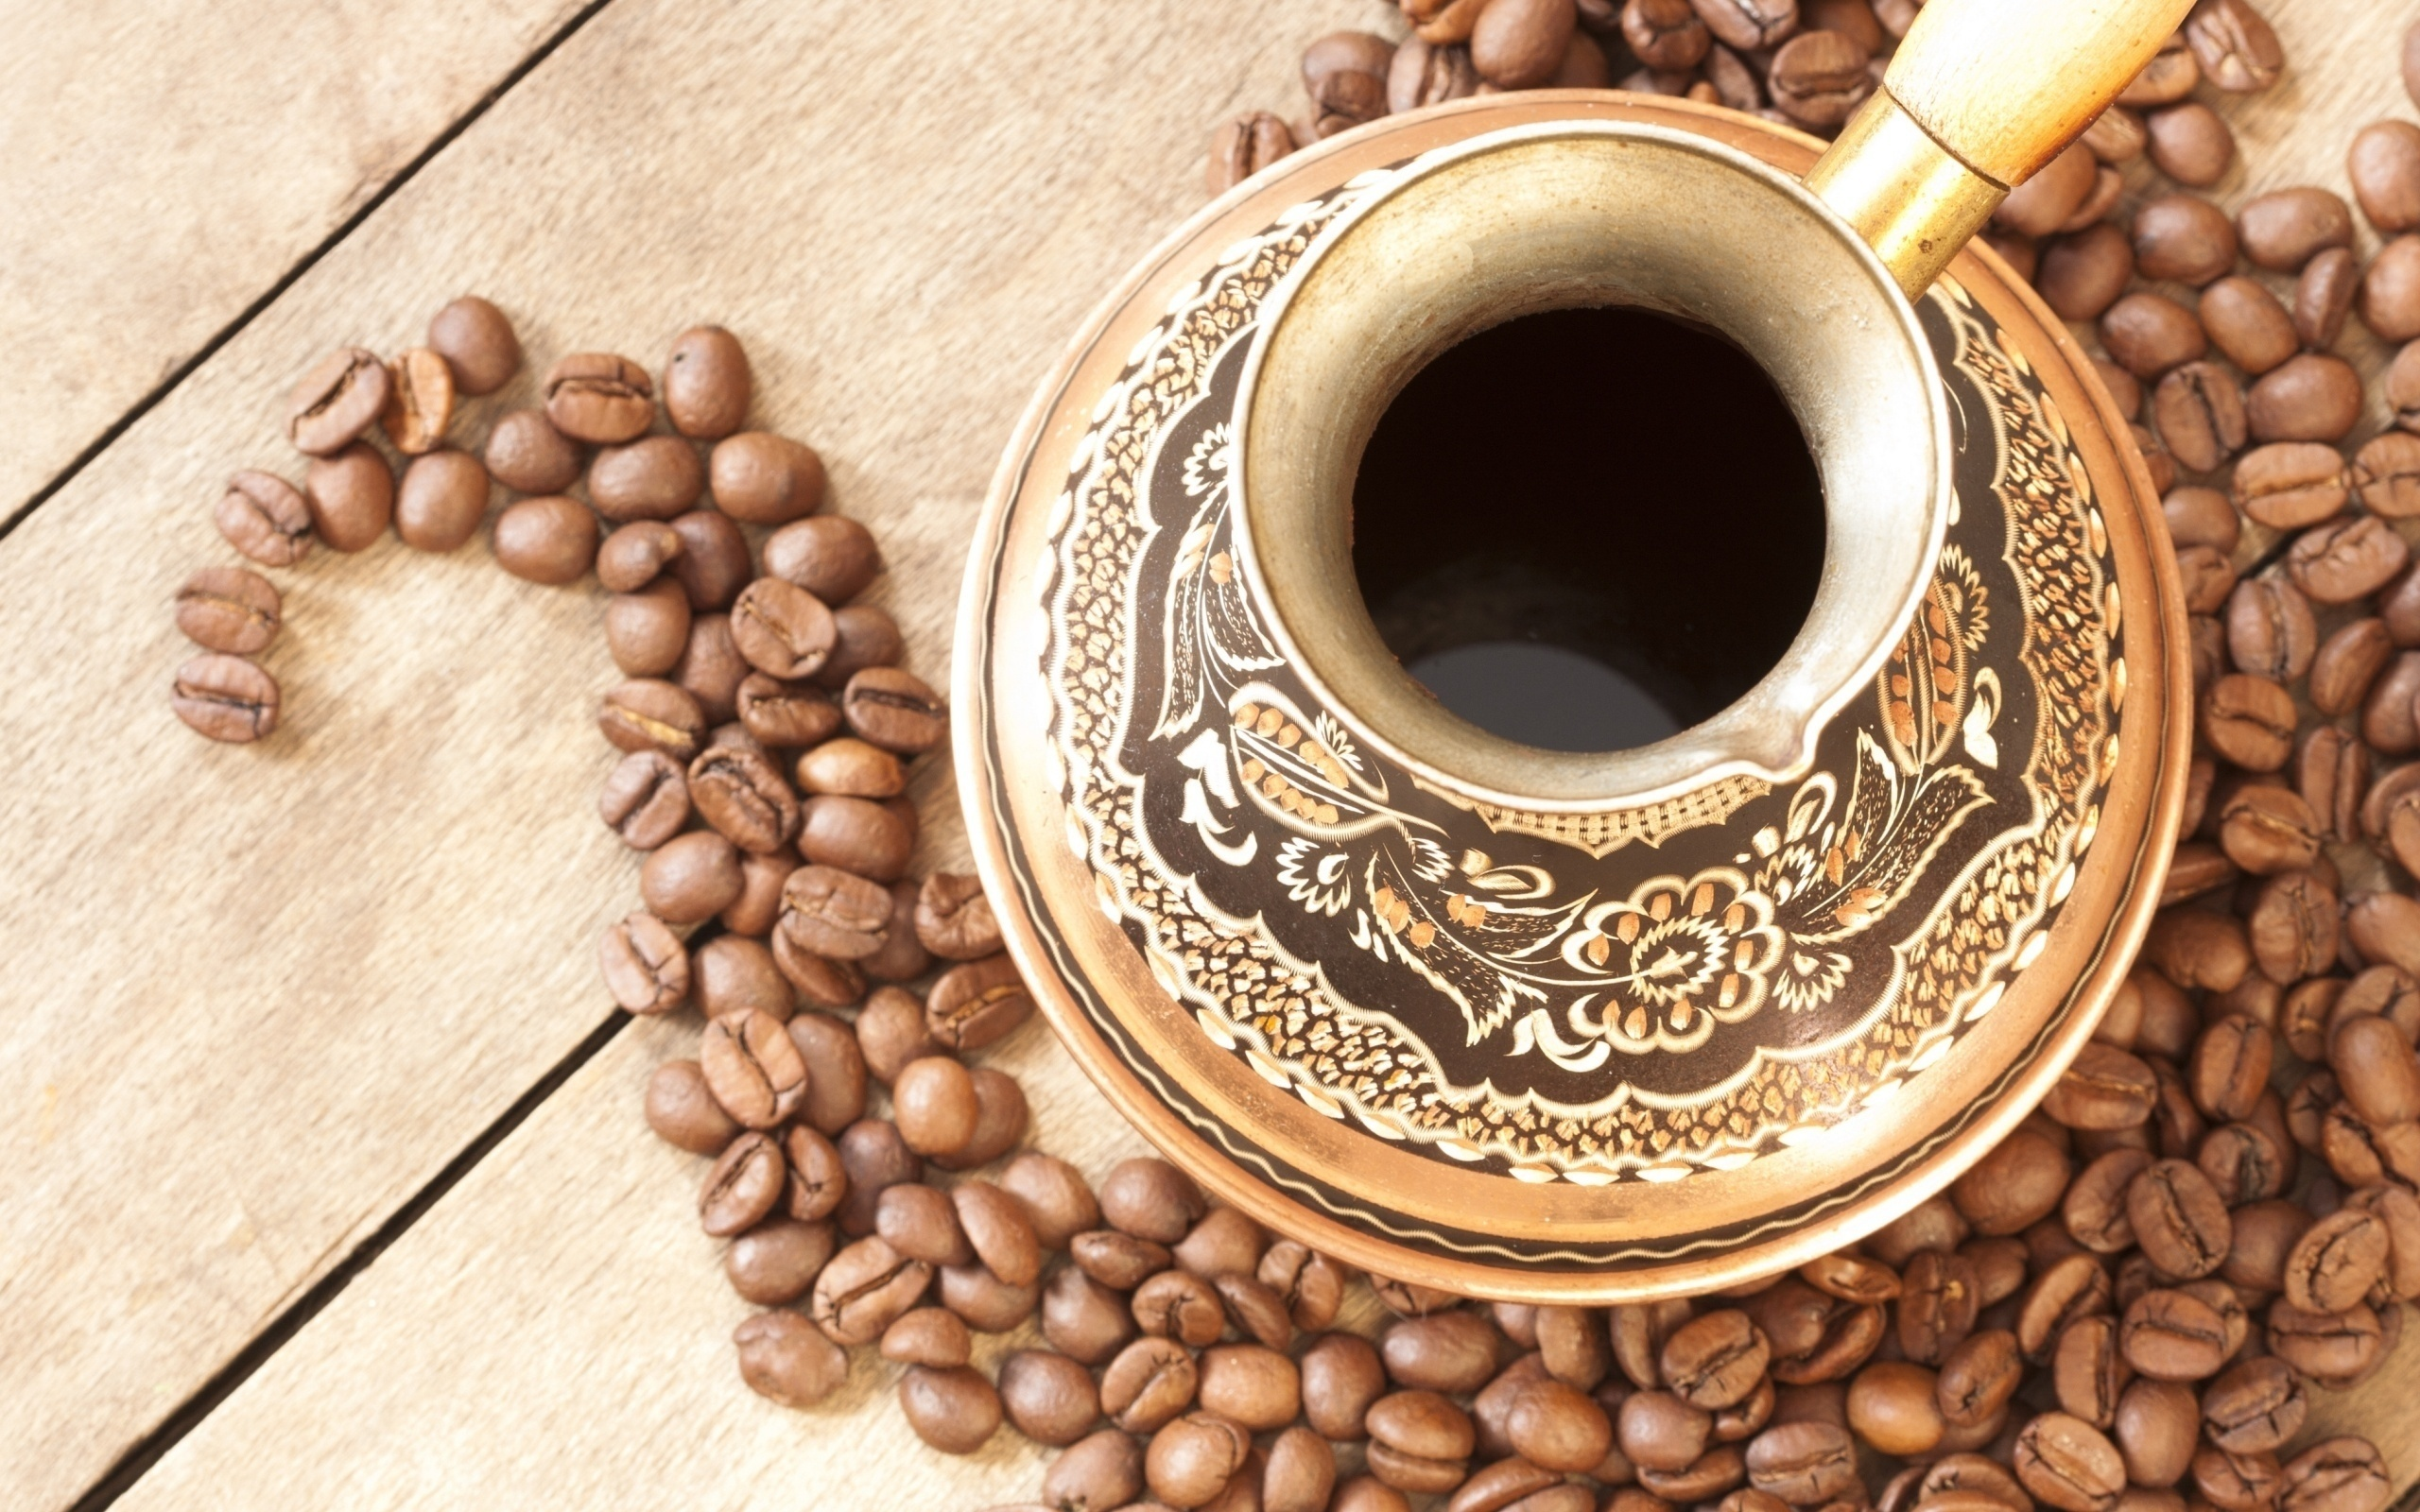 Апреля, картинка чашки кофе